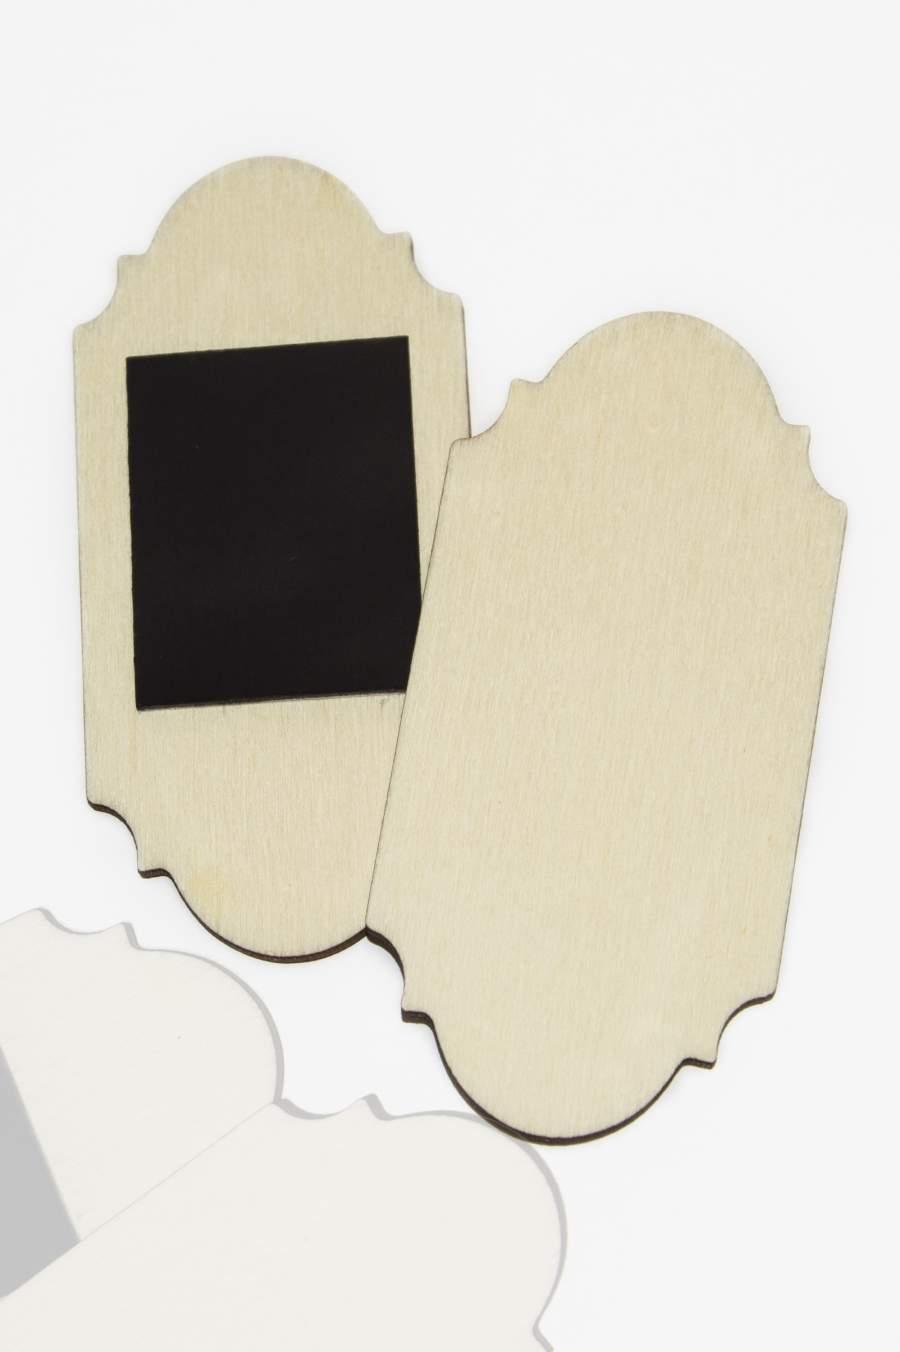 107. Placă din lemn pentru magnet frigider 90x42mm